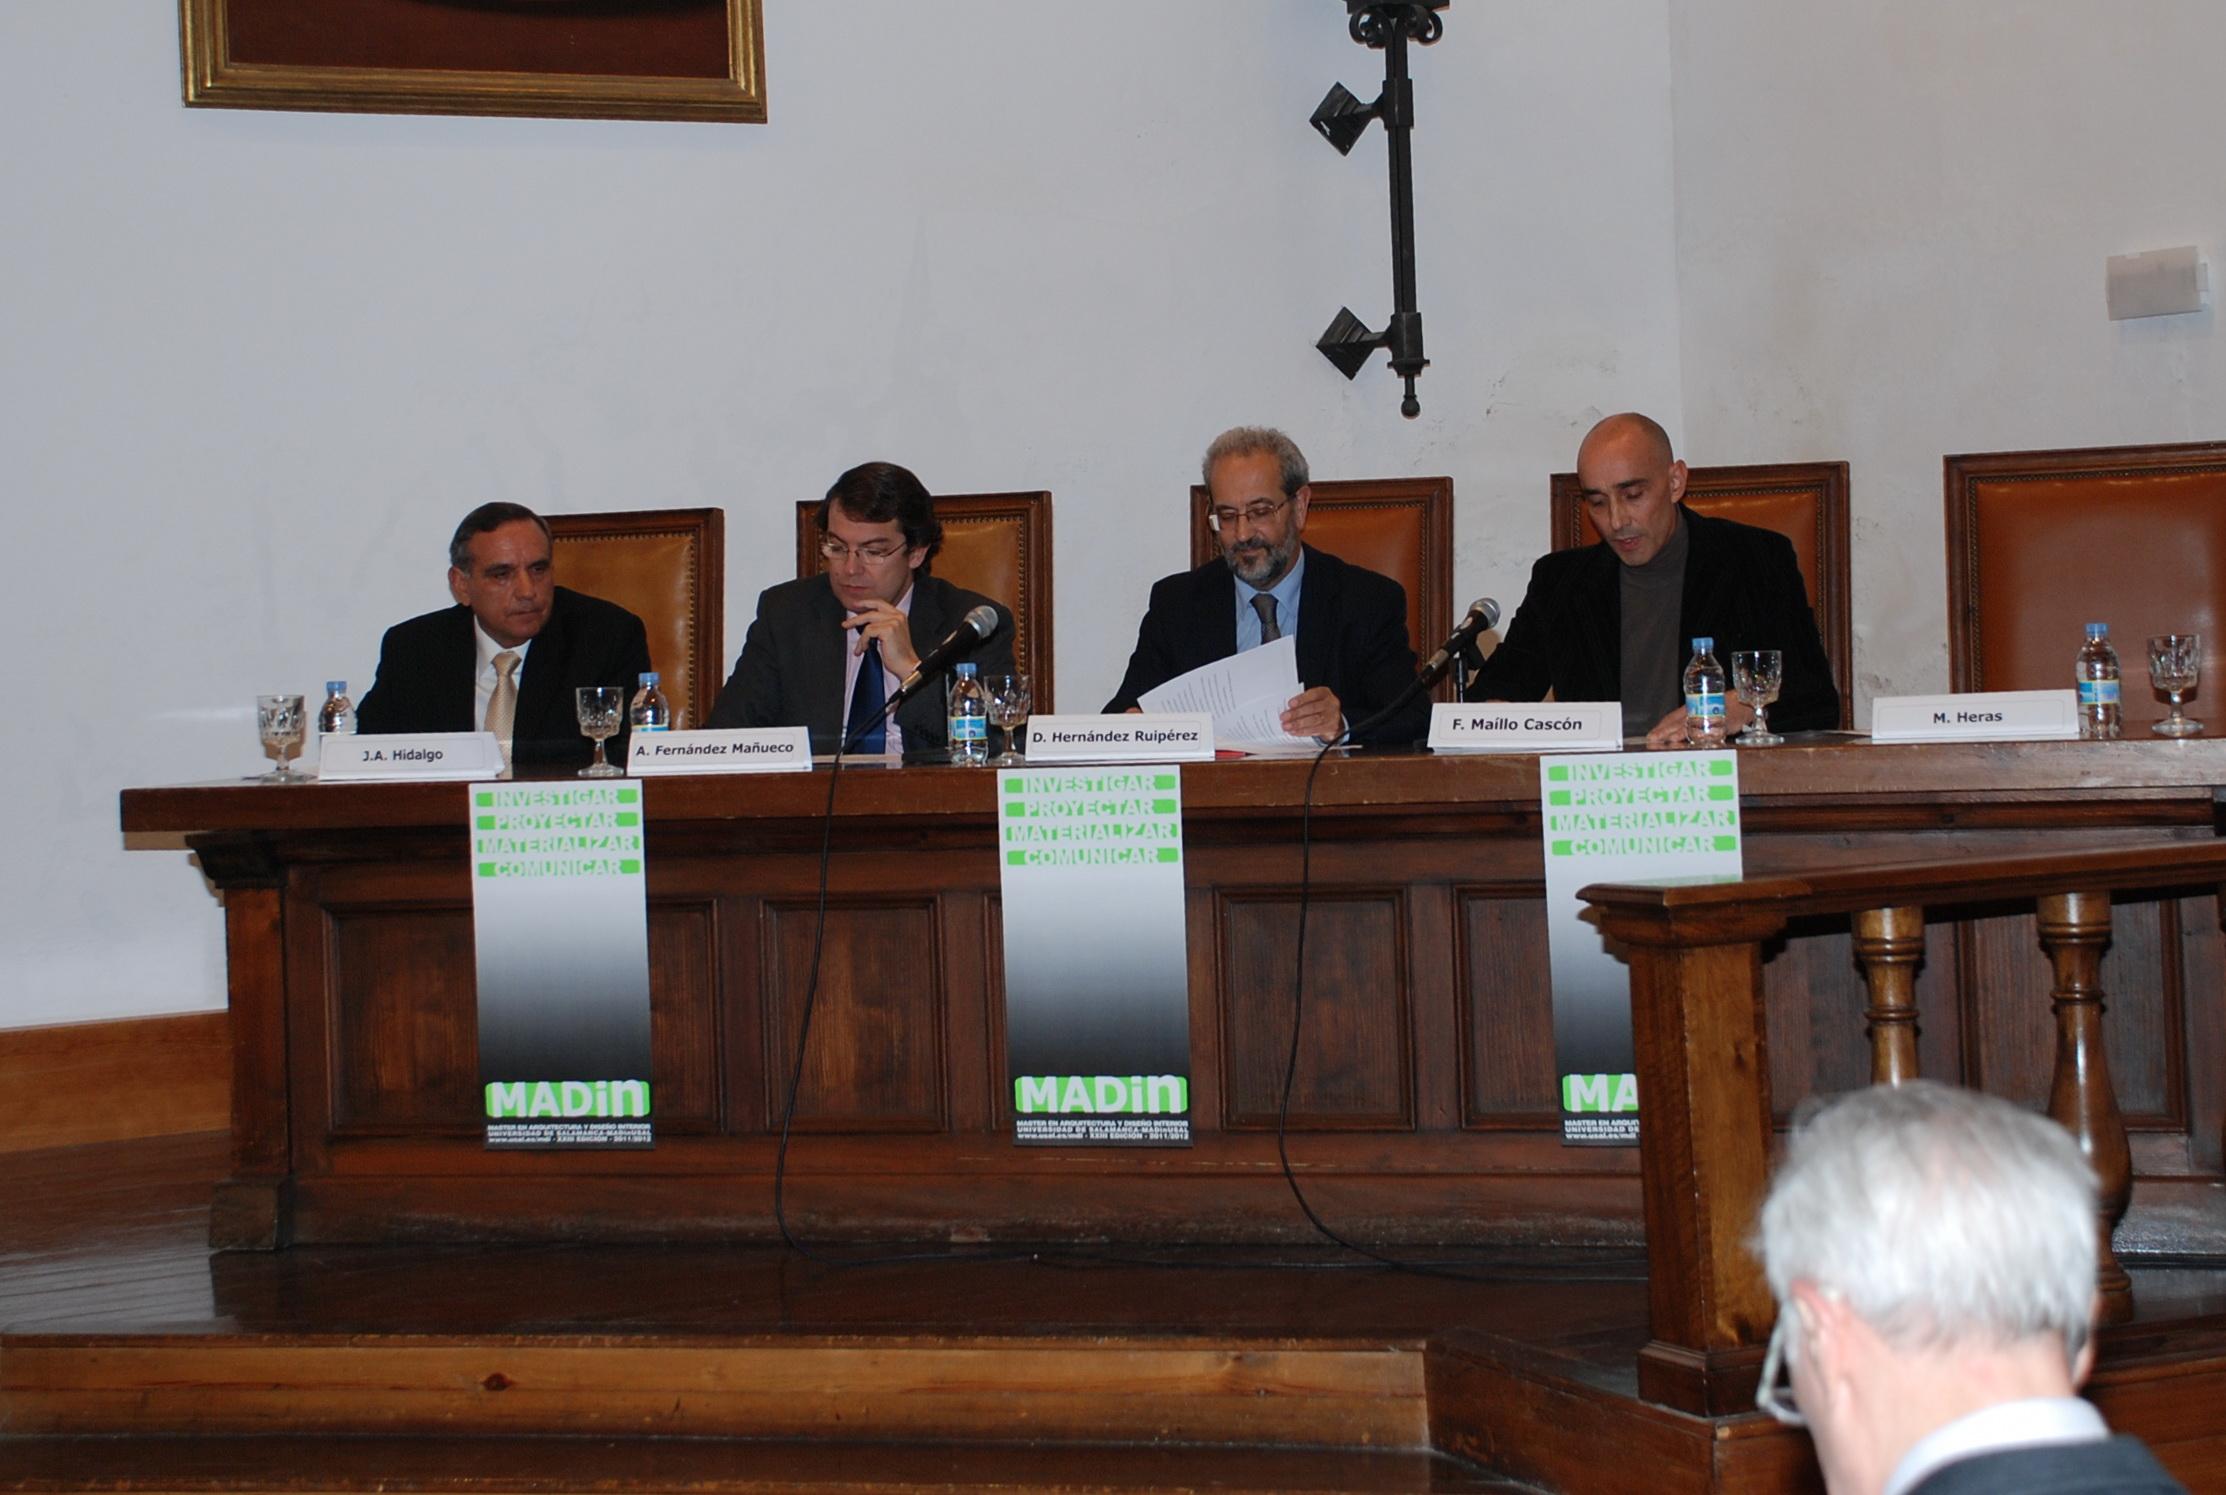 Inauguración del Máster de Arquitectura y Diseño de Interiores de la Universidad de Salamanca (MADin Usal)